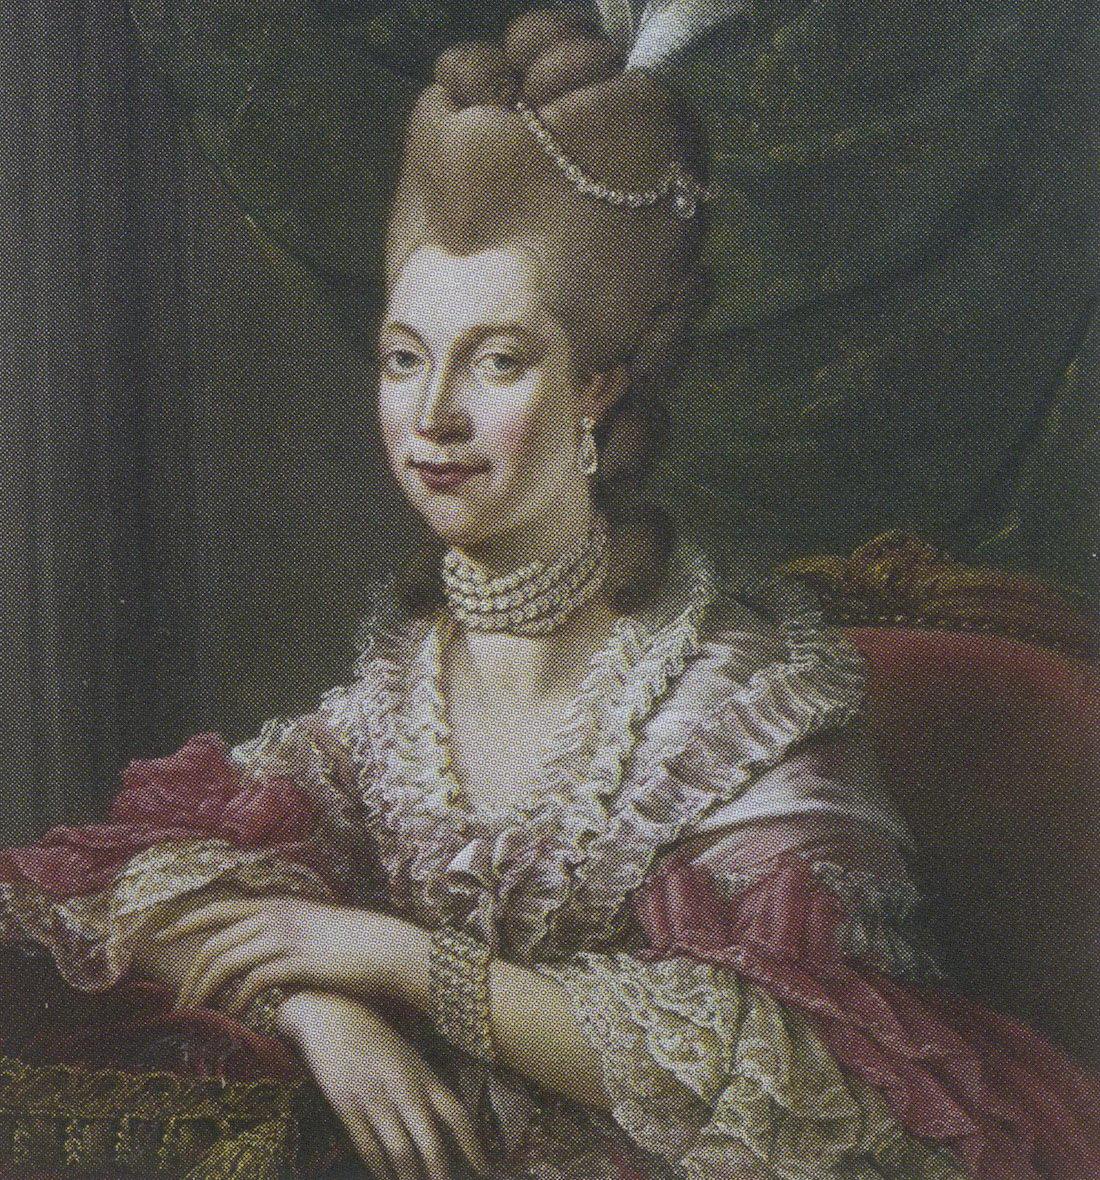 Портрет английской королевы Софии Шарлотты